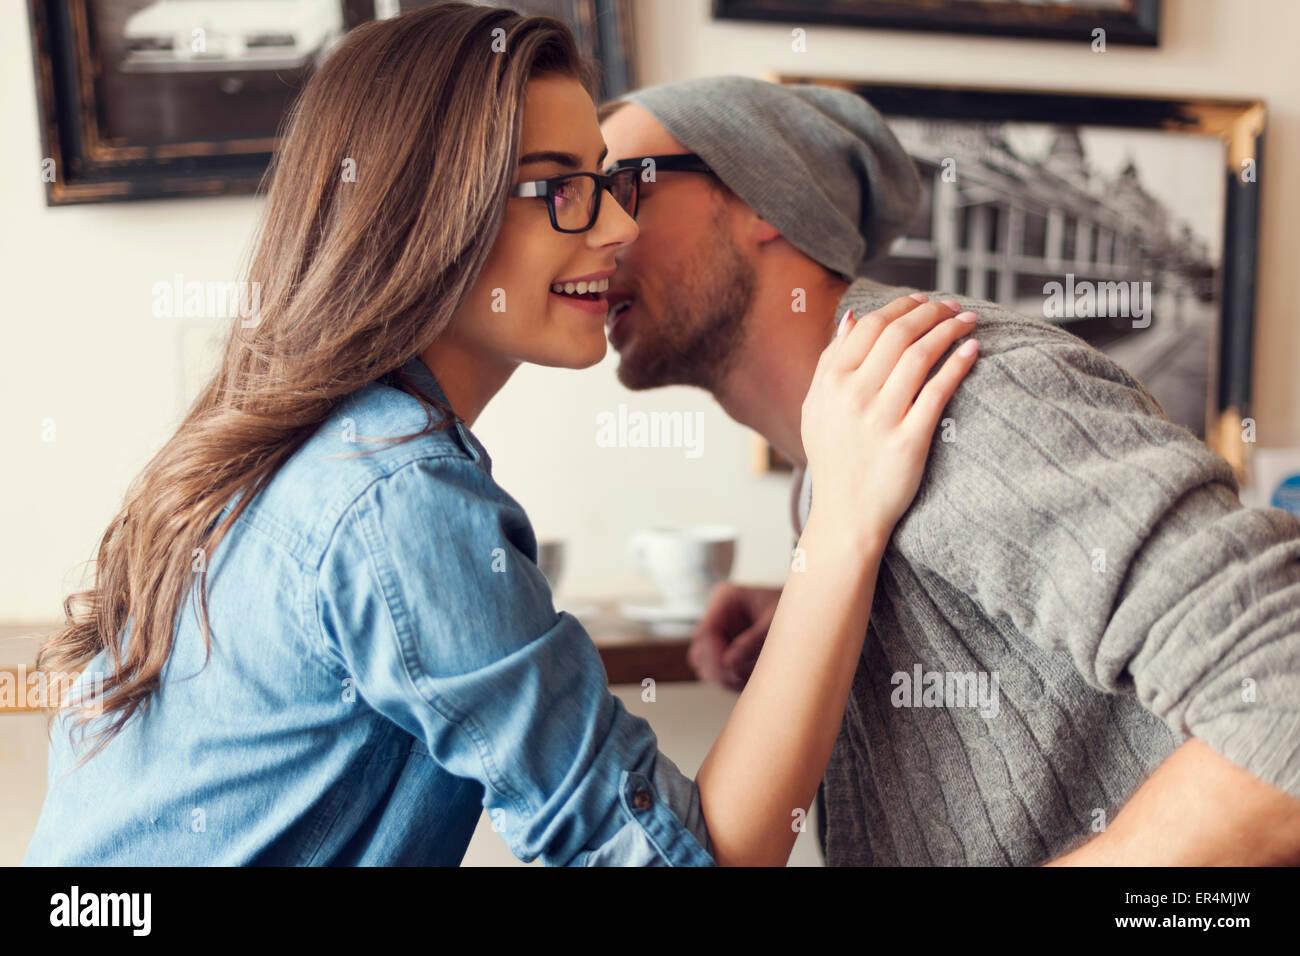 Momentos románticos para parejas hipster en el cafe. Cracovia, Polonia Imagen De Stock